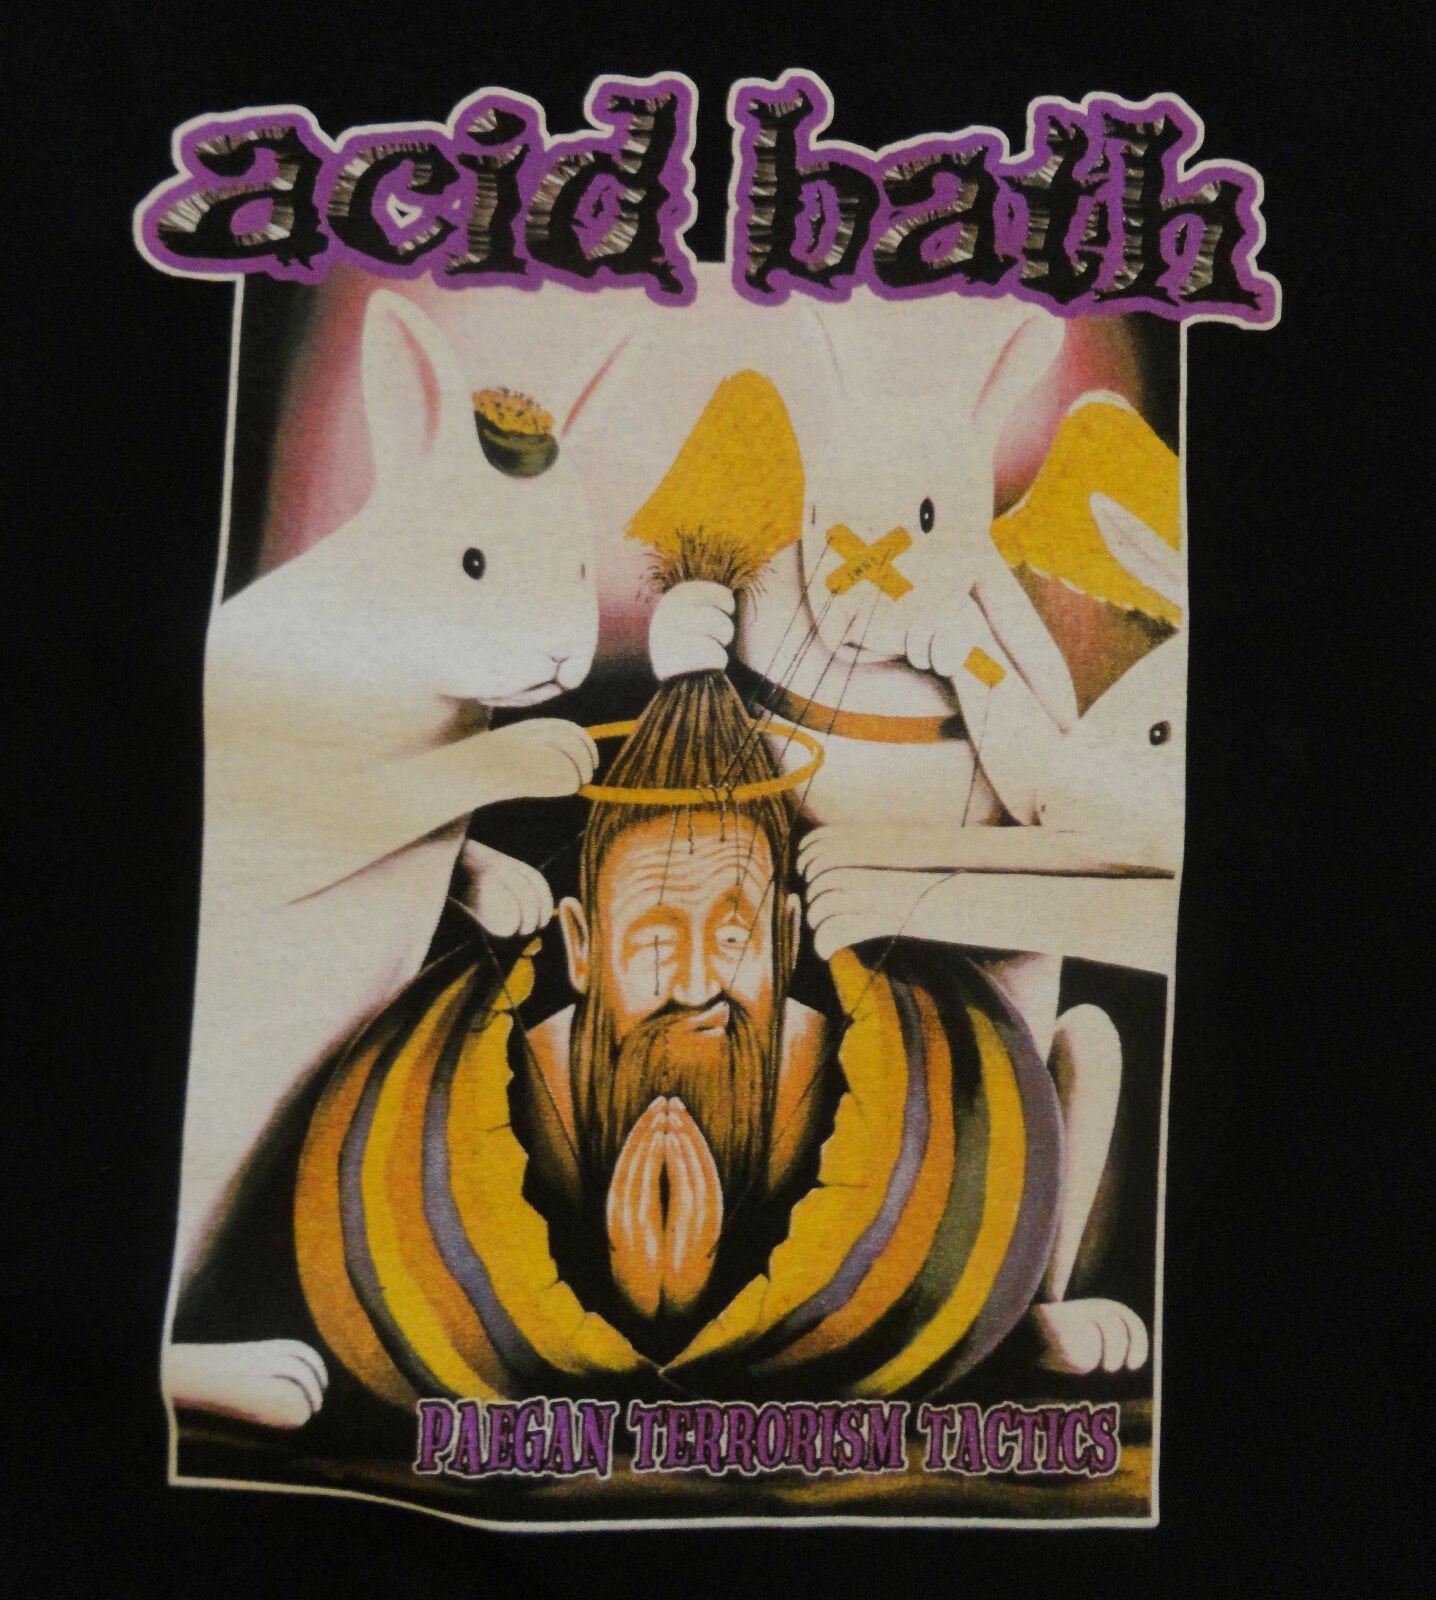 ACID BATH - Paegan Терроризм Тактика T-Shirt - Официальный Новый летний стиль верхней тройник